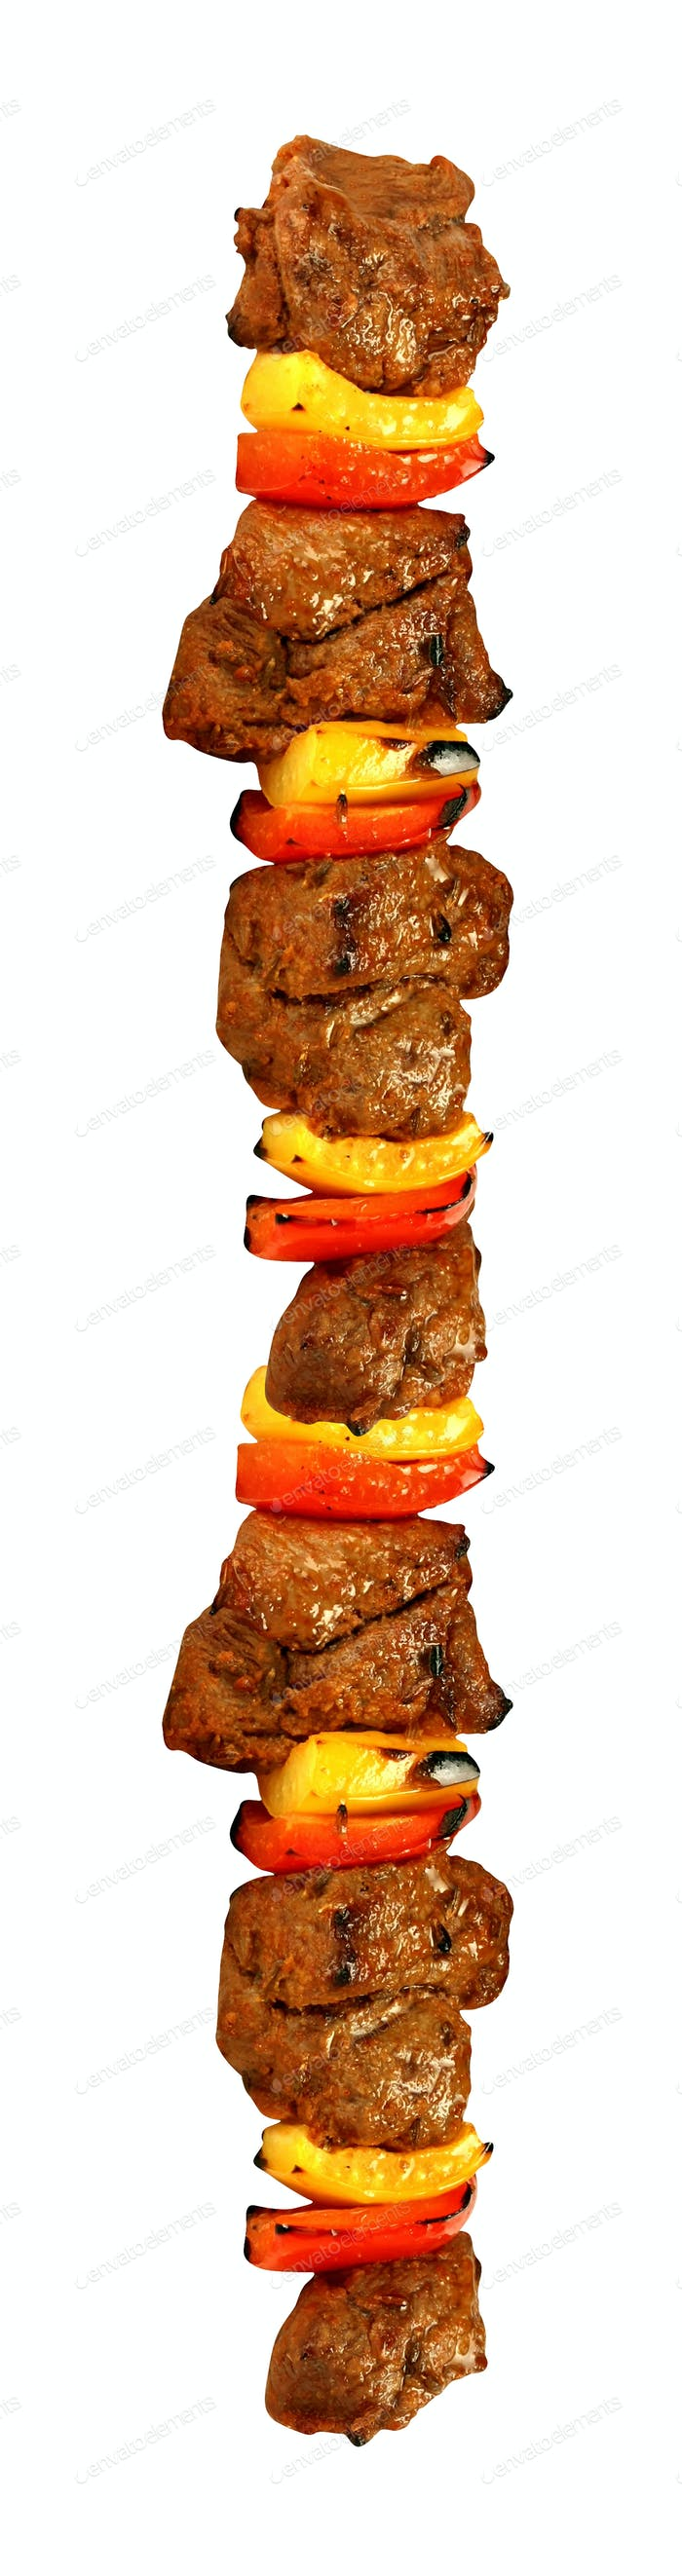 kebab isolated on white background